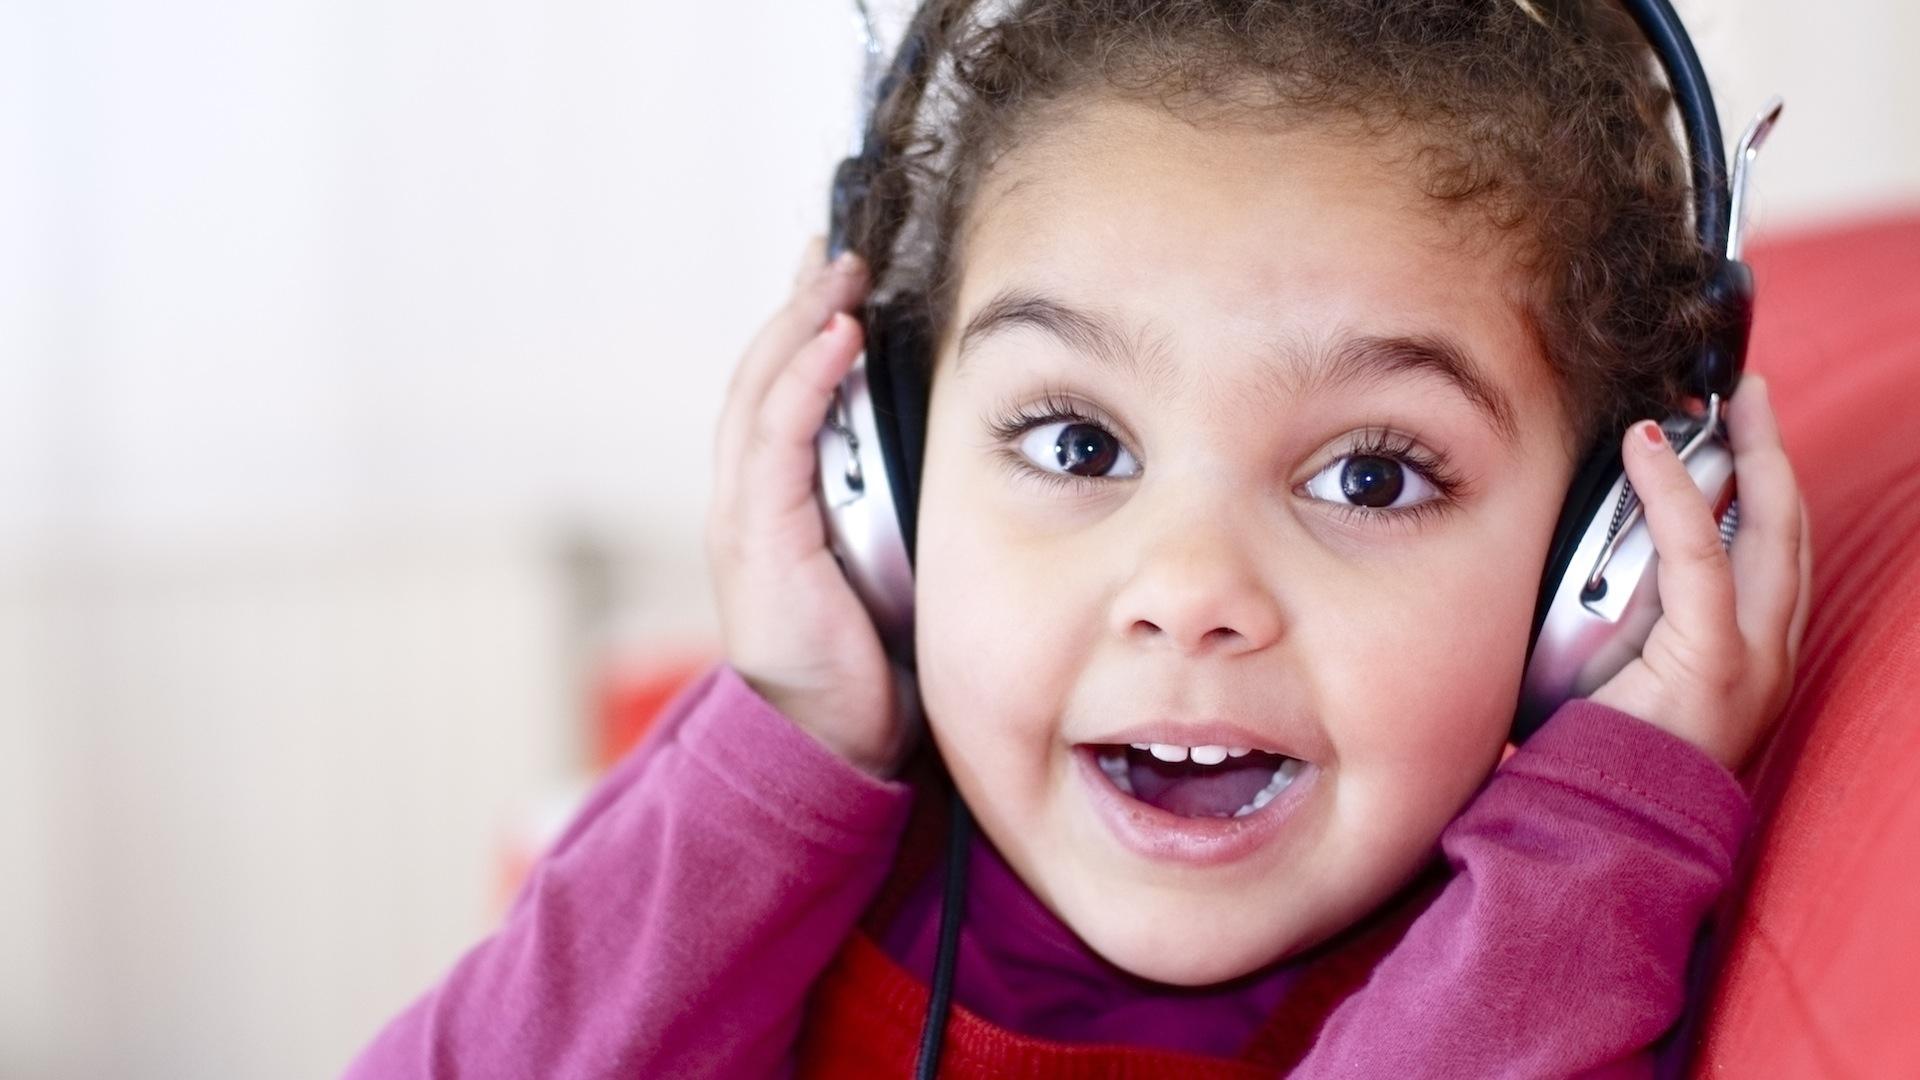 Музыка помогает когнитивному развитию детей с нарушениями слуха